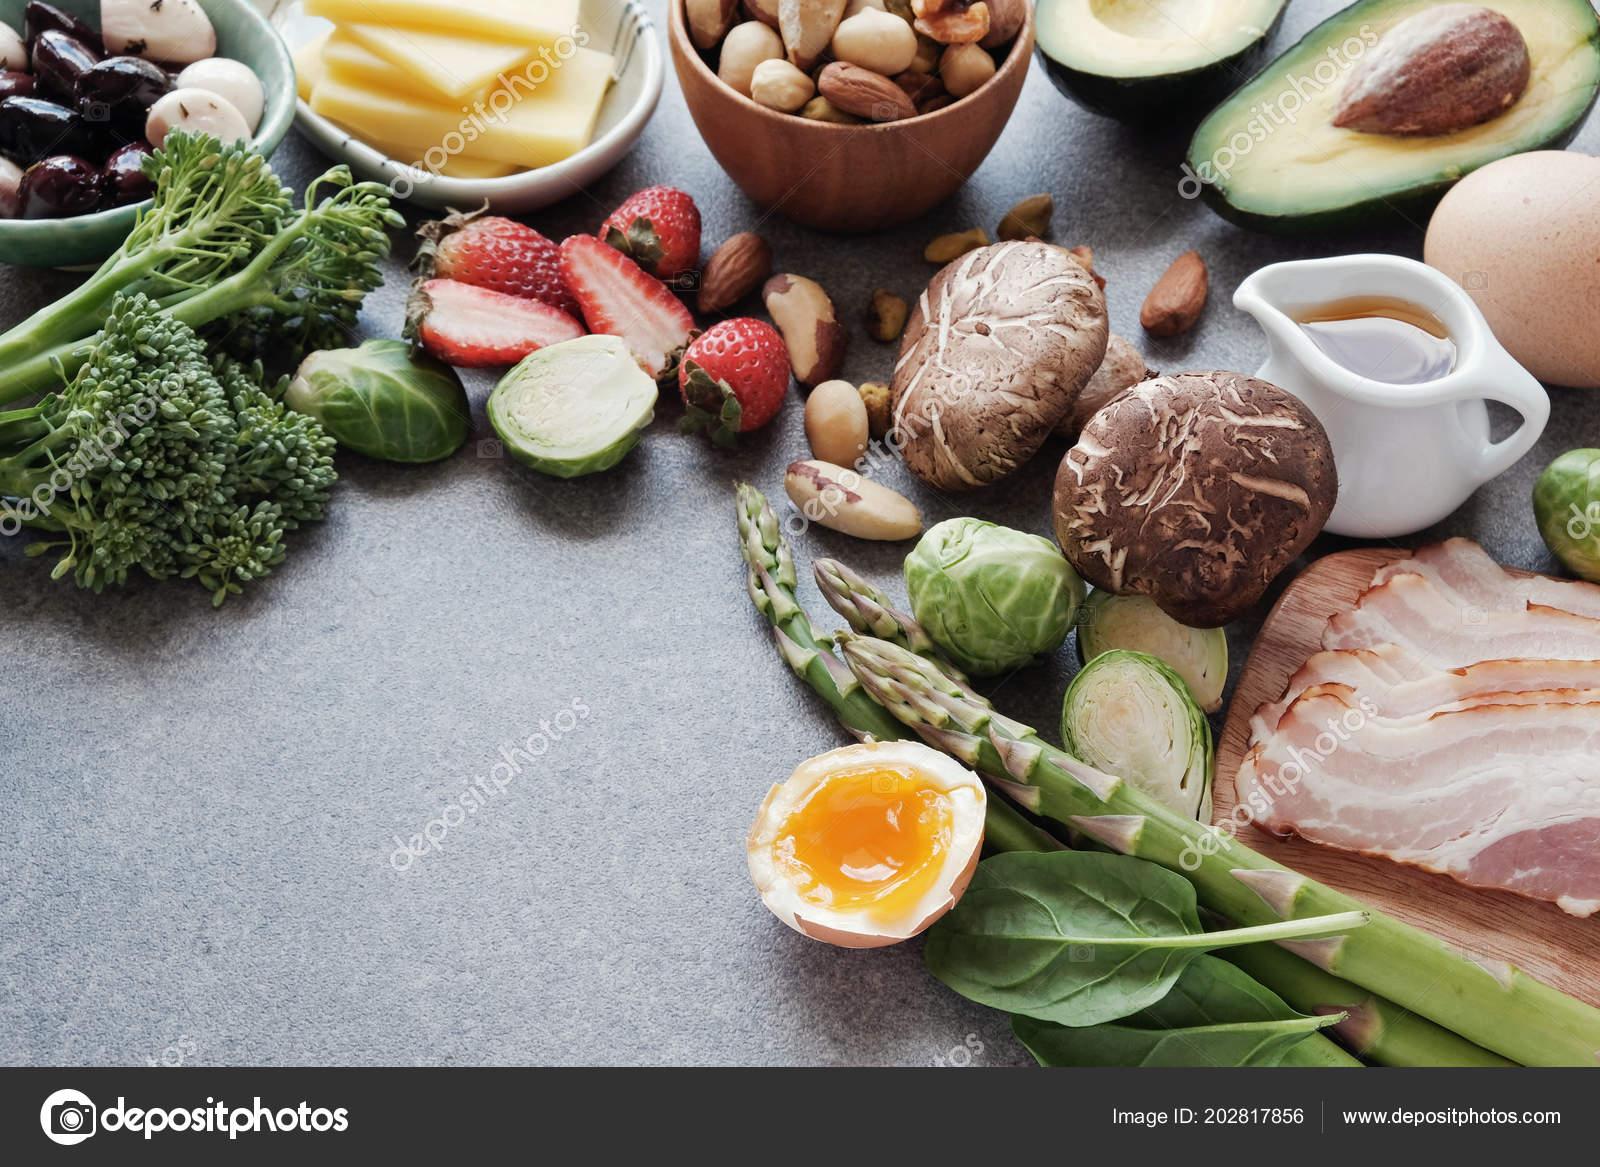 Zblizenie Zdrowe Jedzenie Dieta Ketogeniczna Niskie Carb Zdjecie